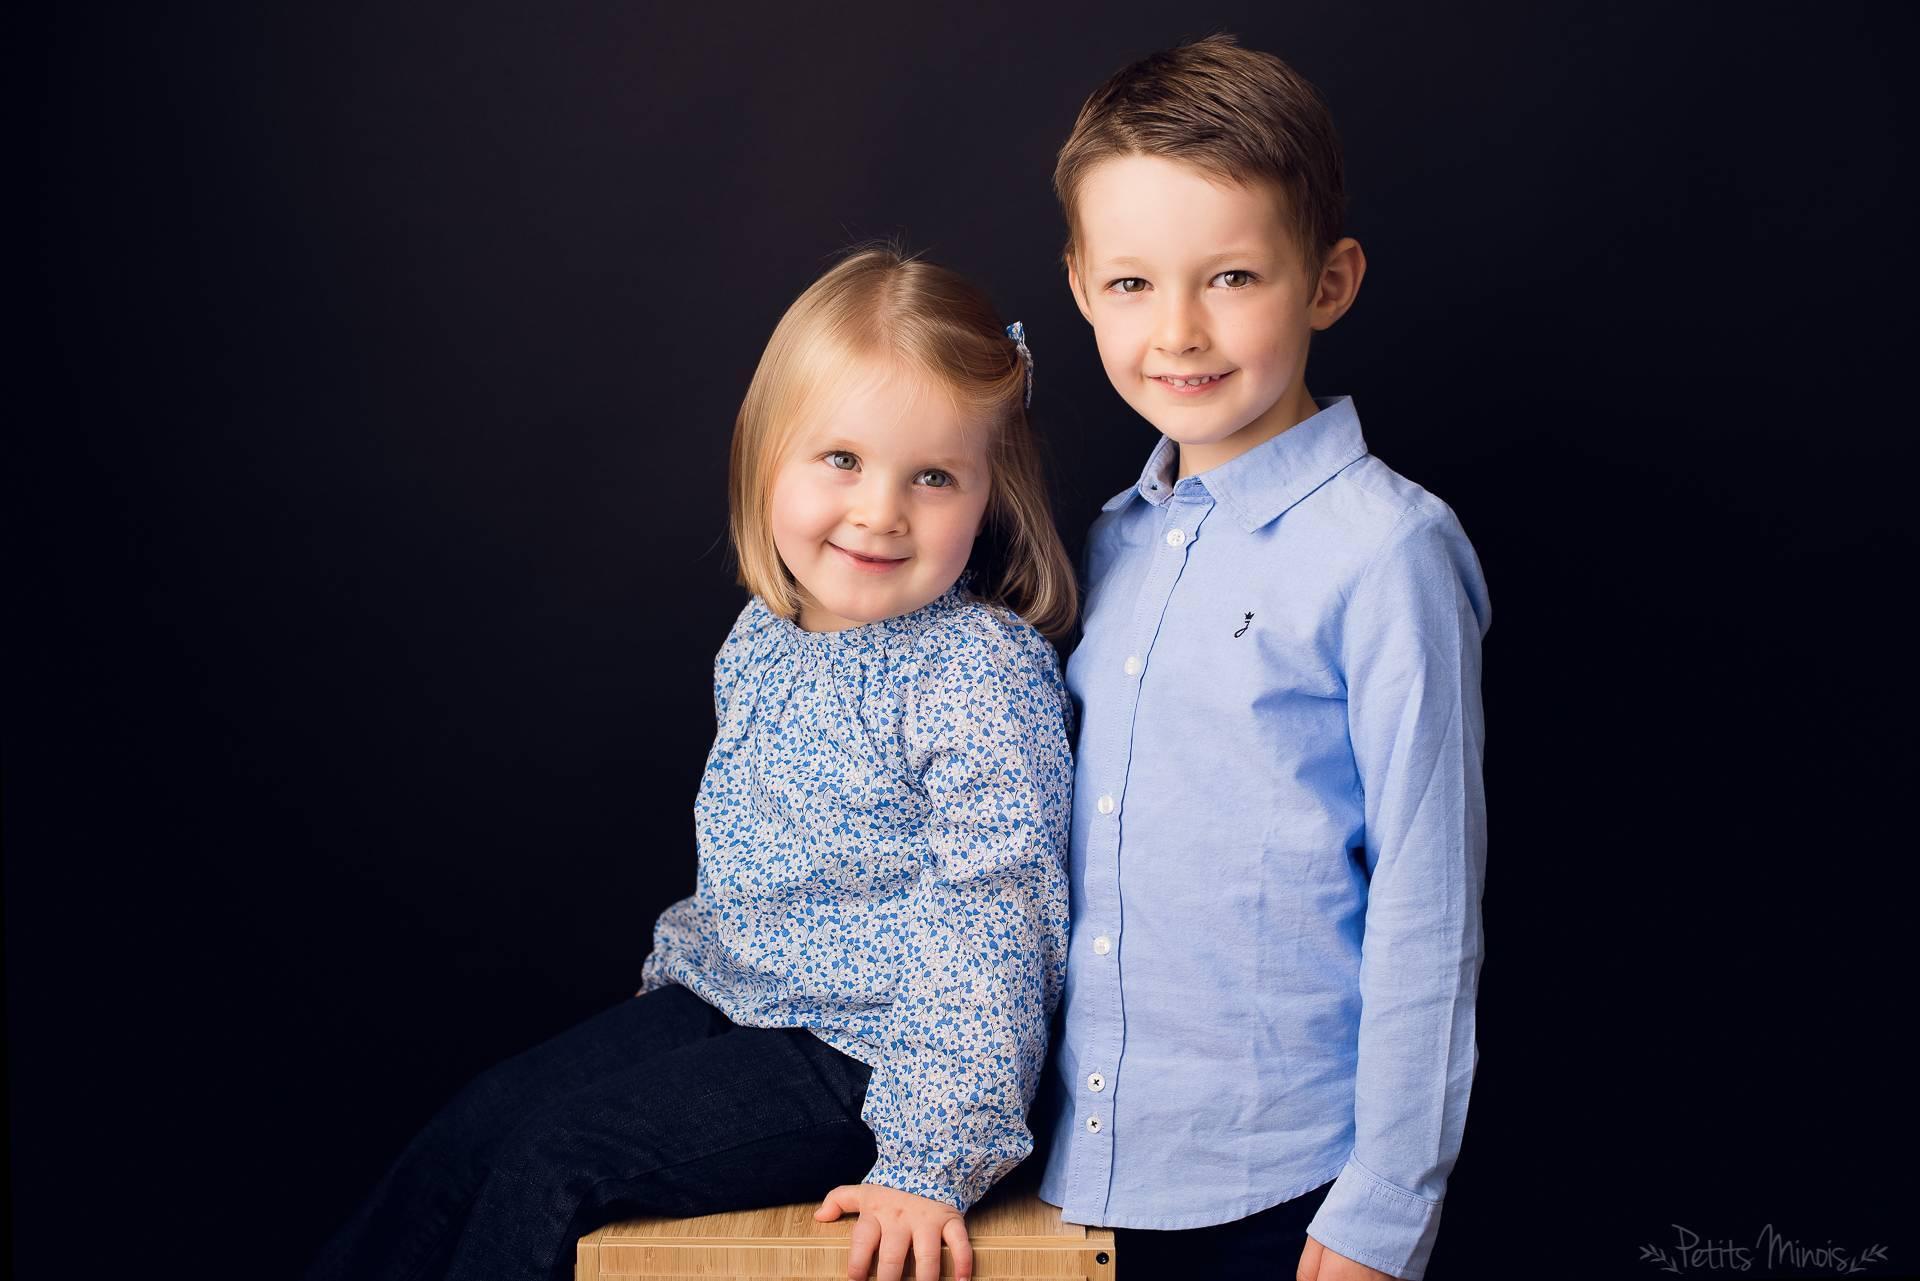 séance enfant photographe finistere